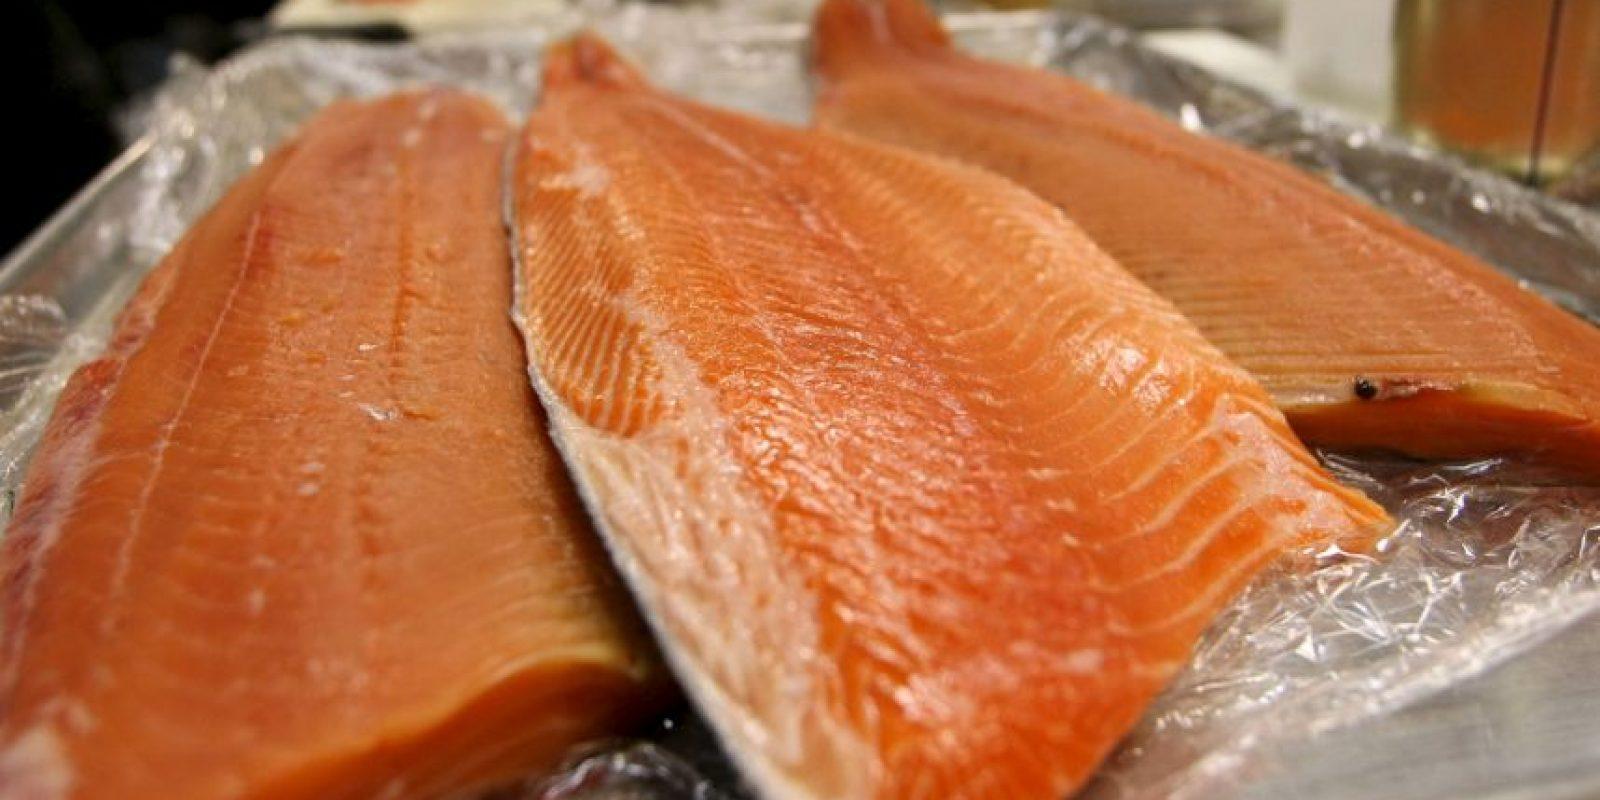 De acuerdo a un estudio de la Universidad de Albany, Nueva York, este tipo de salmón esta contaminado con químicos cancerígenos. Foto:Getty Images